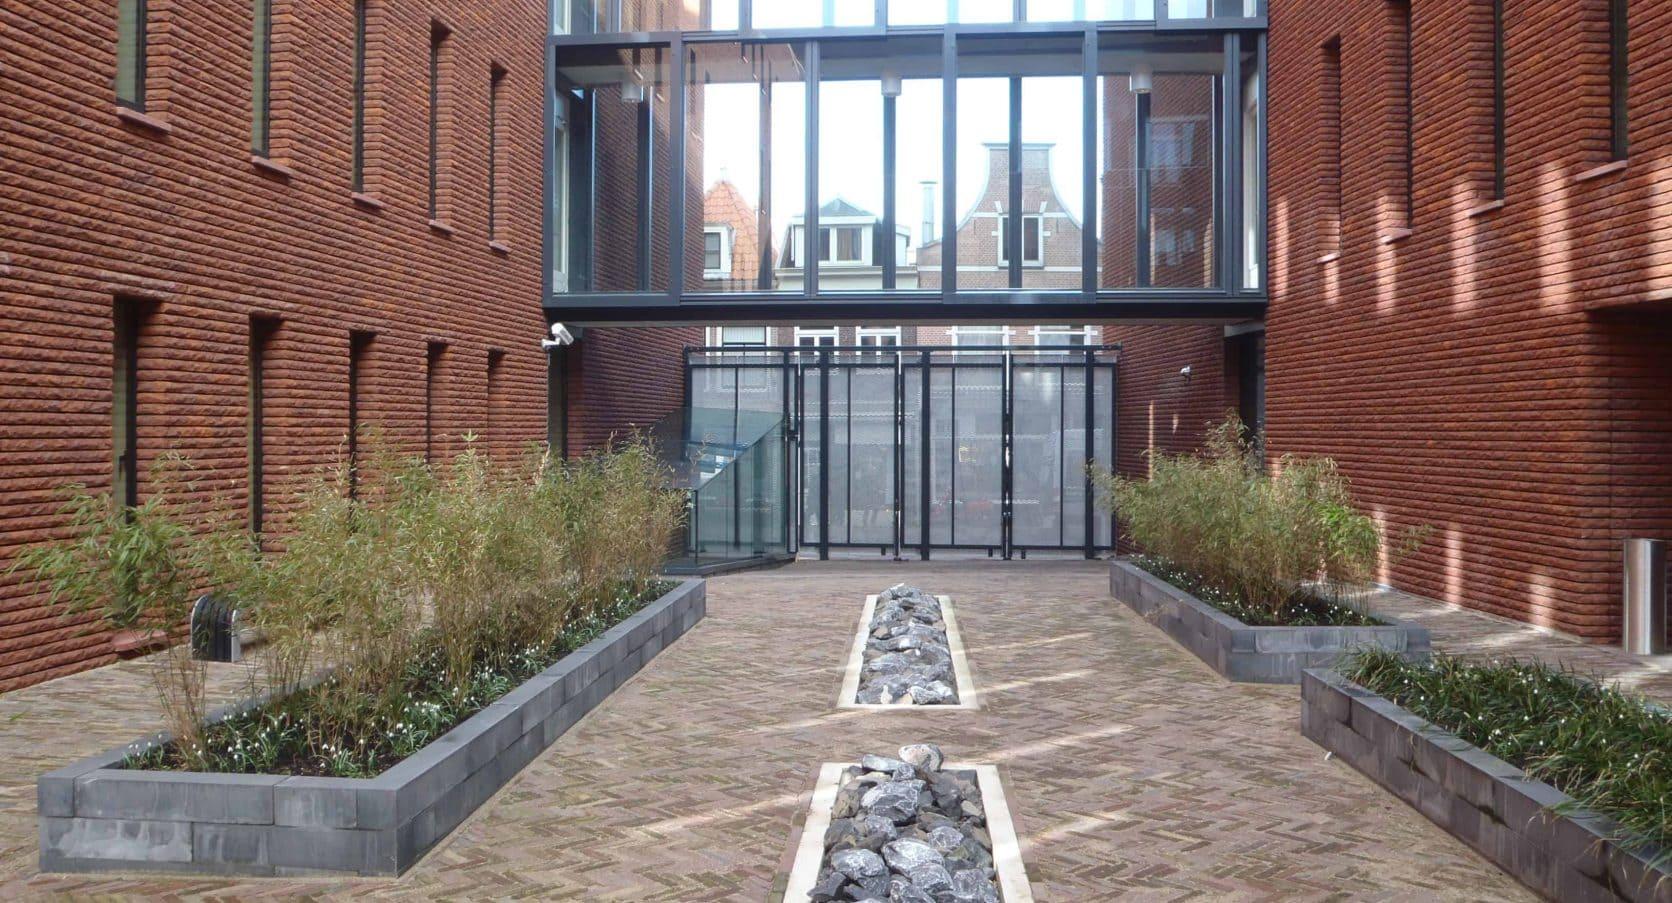 Binnenkant van het Stadskantoor Zijlpoort in Haarlem met zicht op de MD Strekmetaal toegangsdeuren